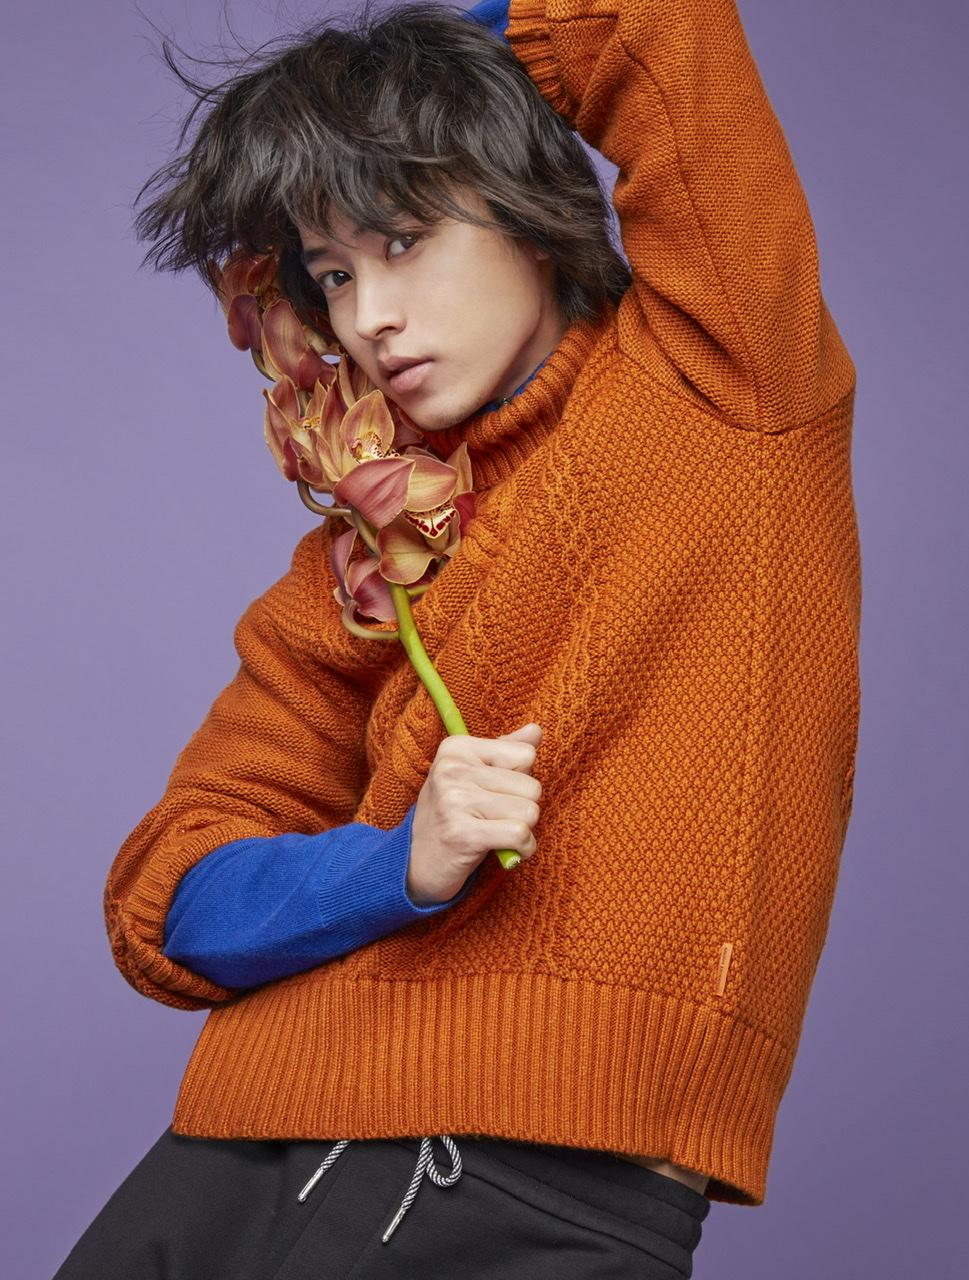 レスリー・キーが「Color of Dream」をテーマに撮影した山﨑賢人